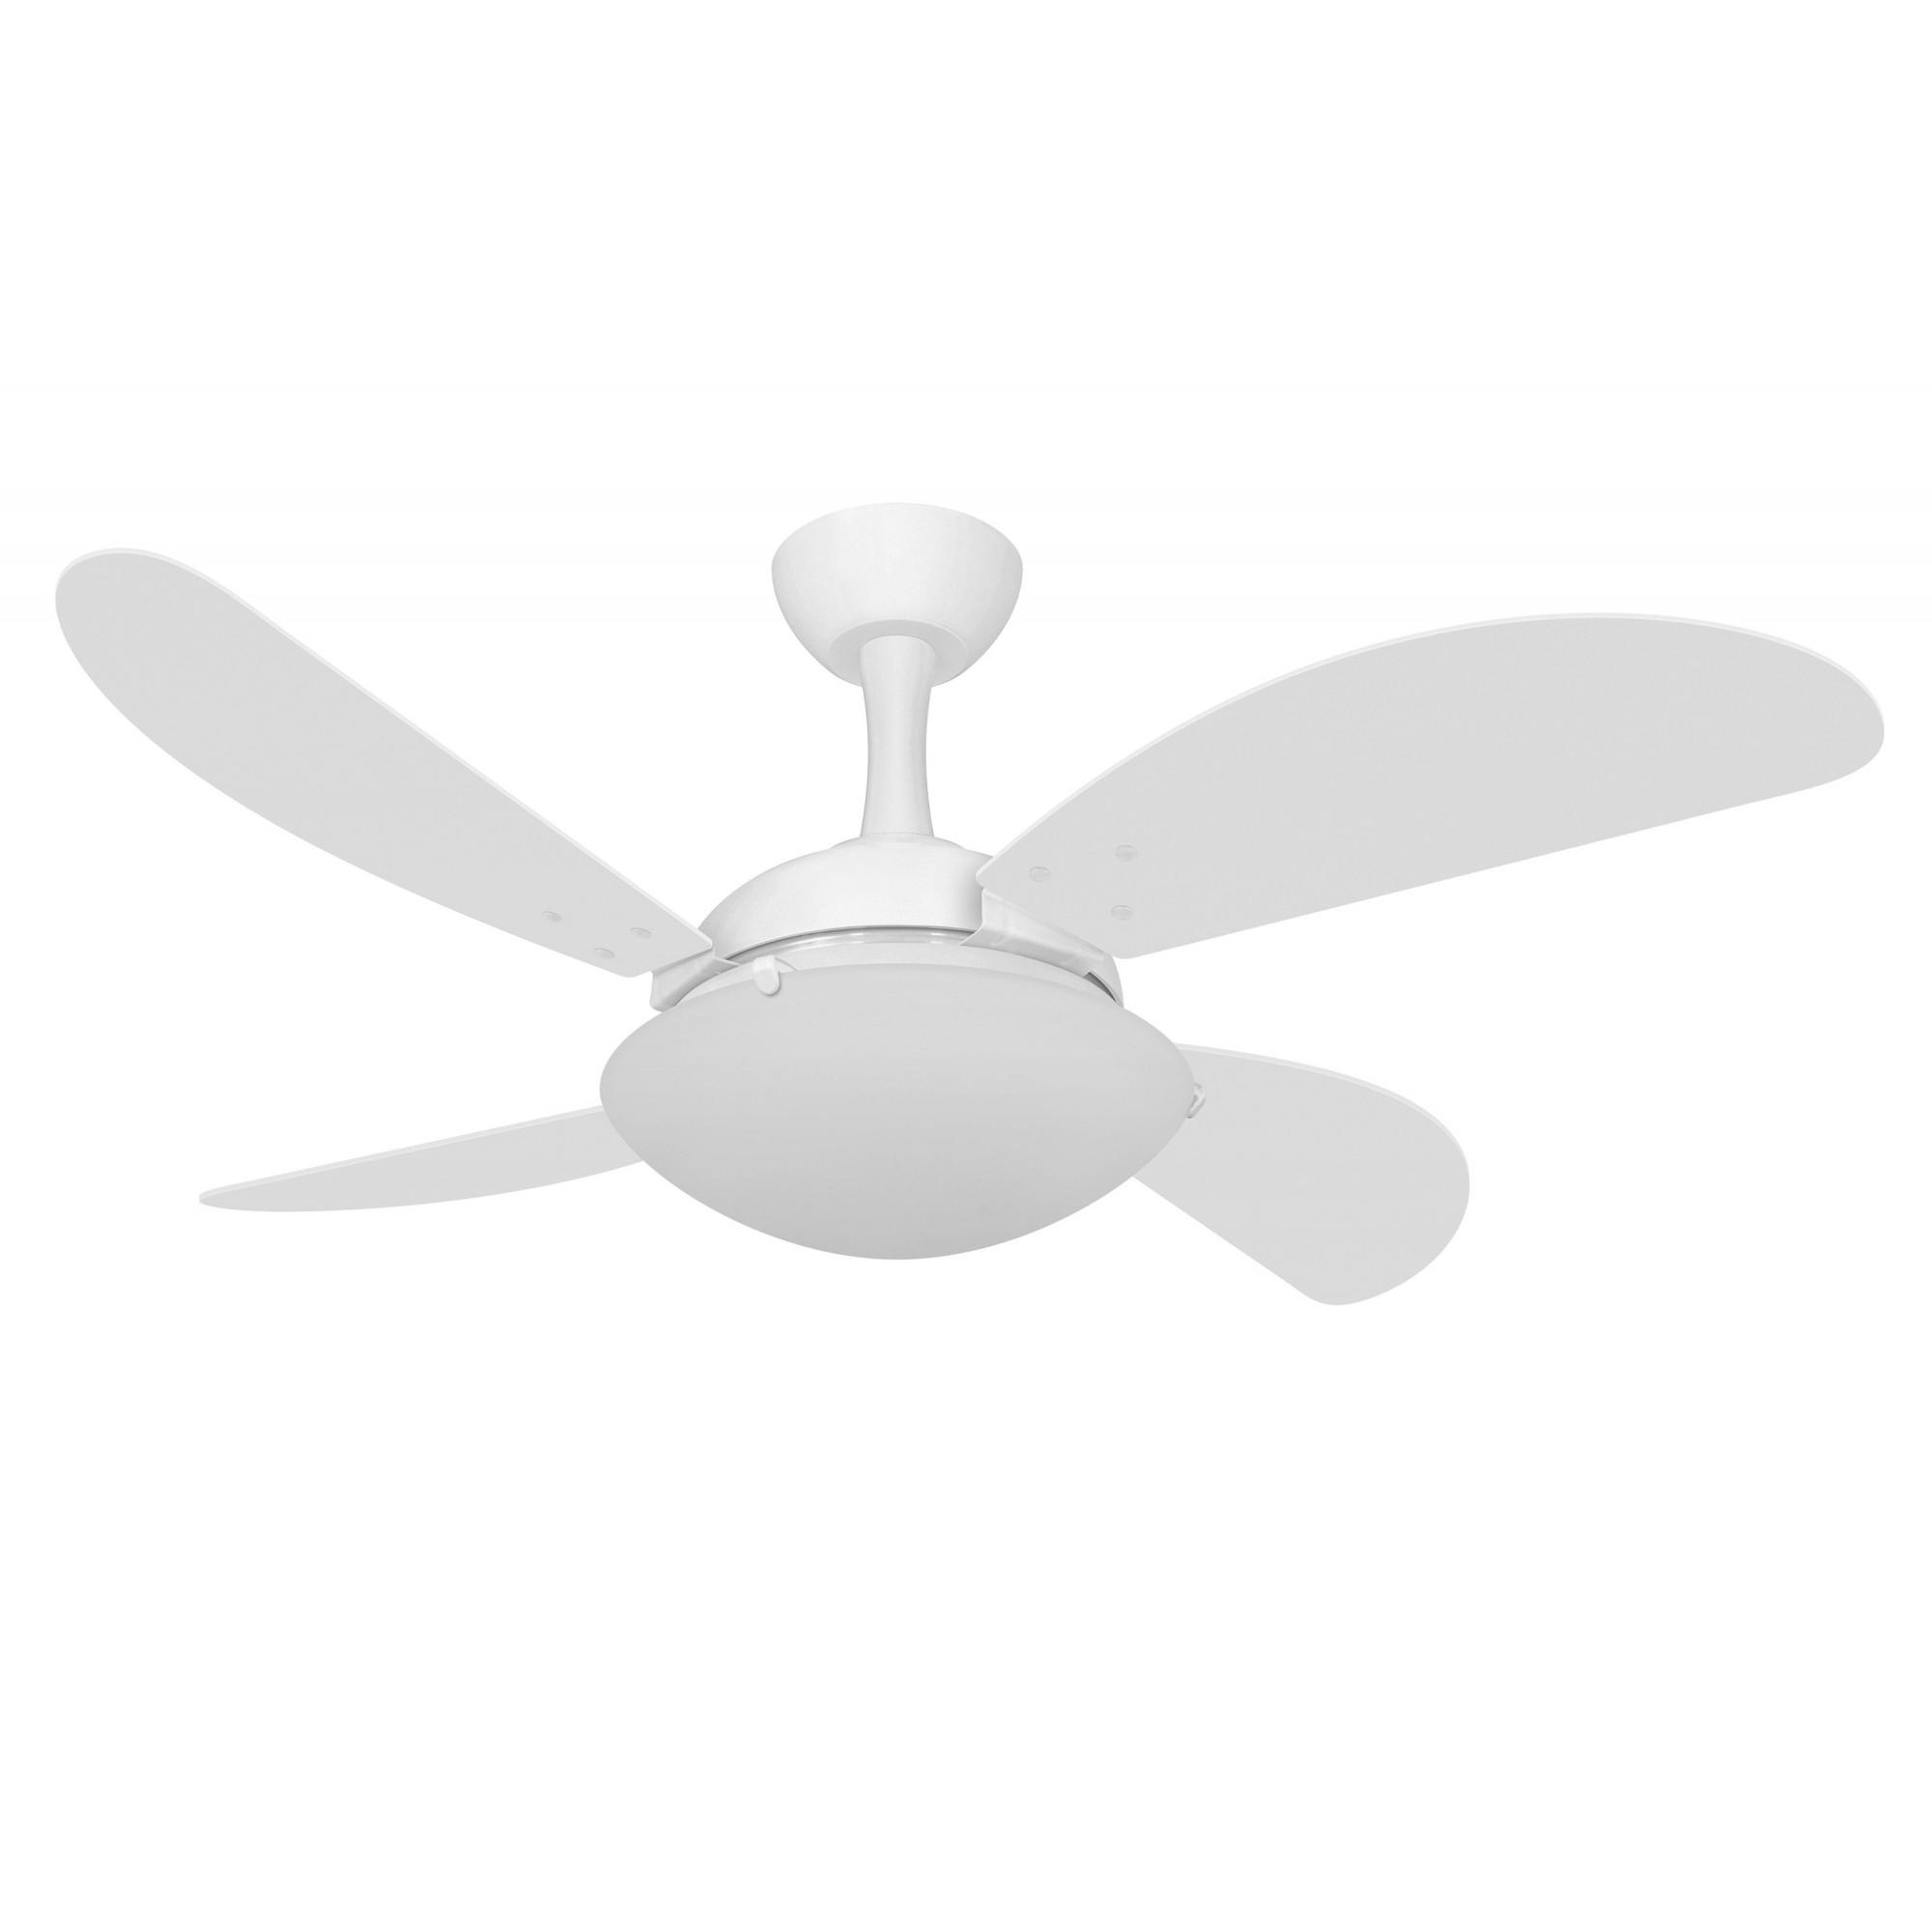 Ventilador de Teto Ventax Uno Fly Branco 4 Pás de MDF 110V